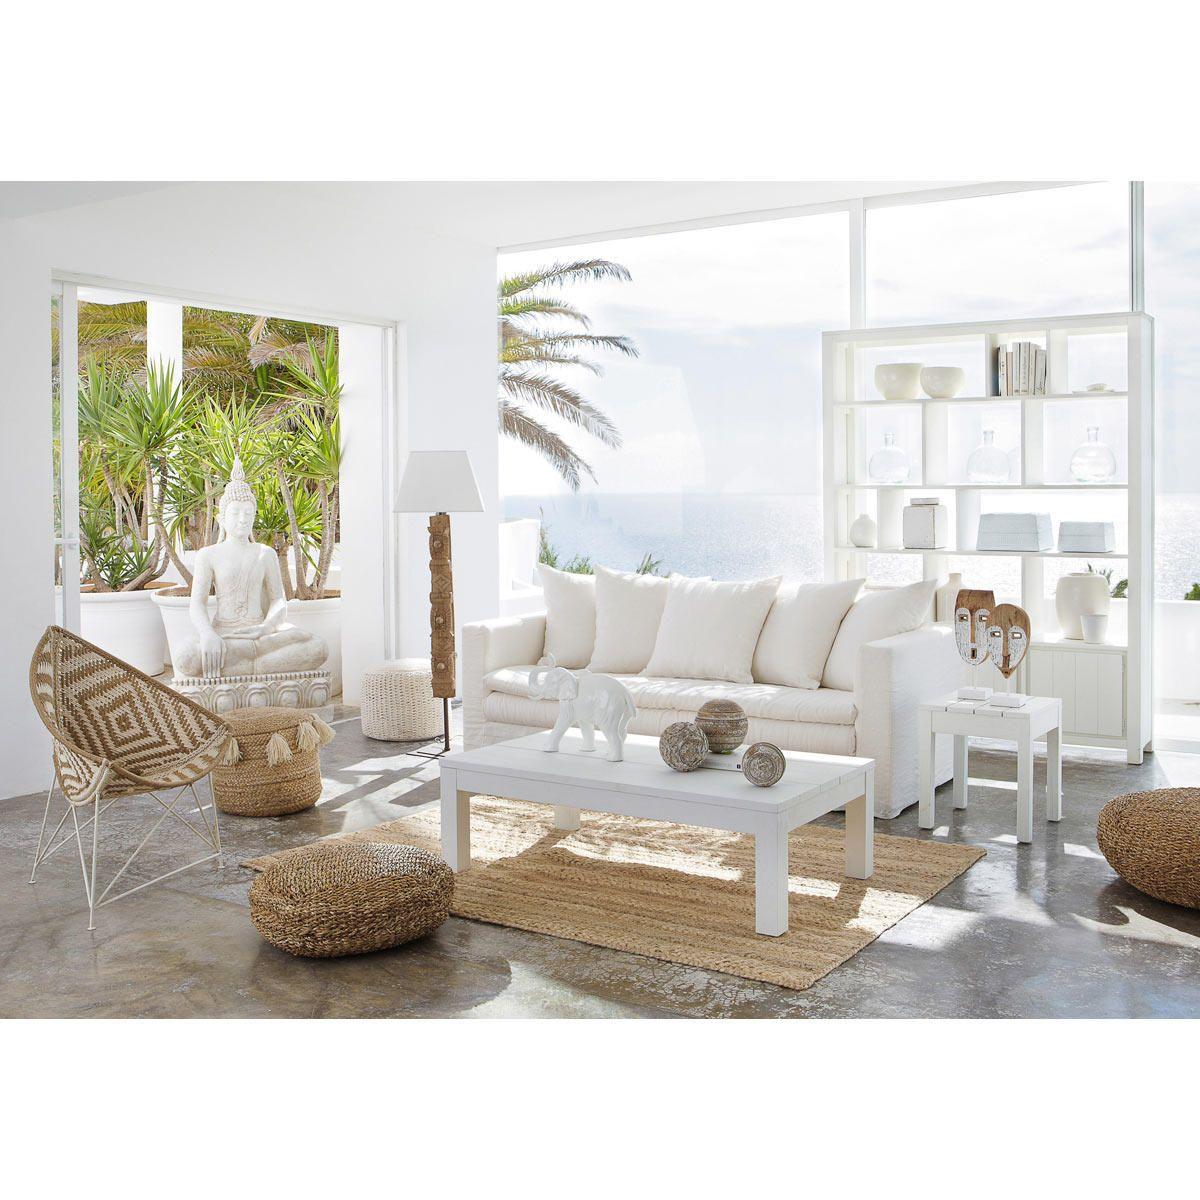 Table basse en bois massif blanche L 15 cm  Maisons du Monde